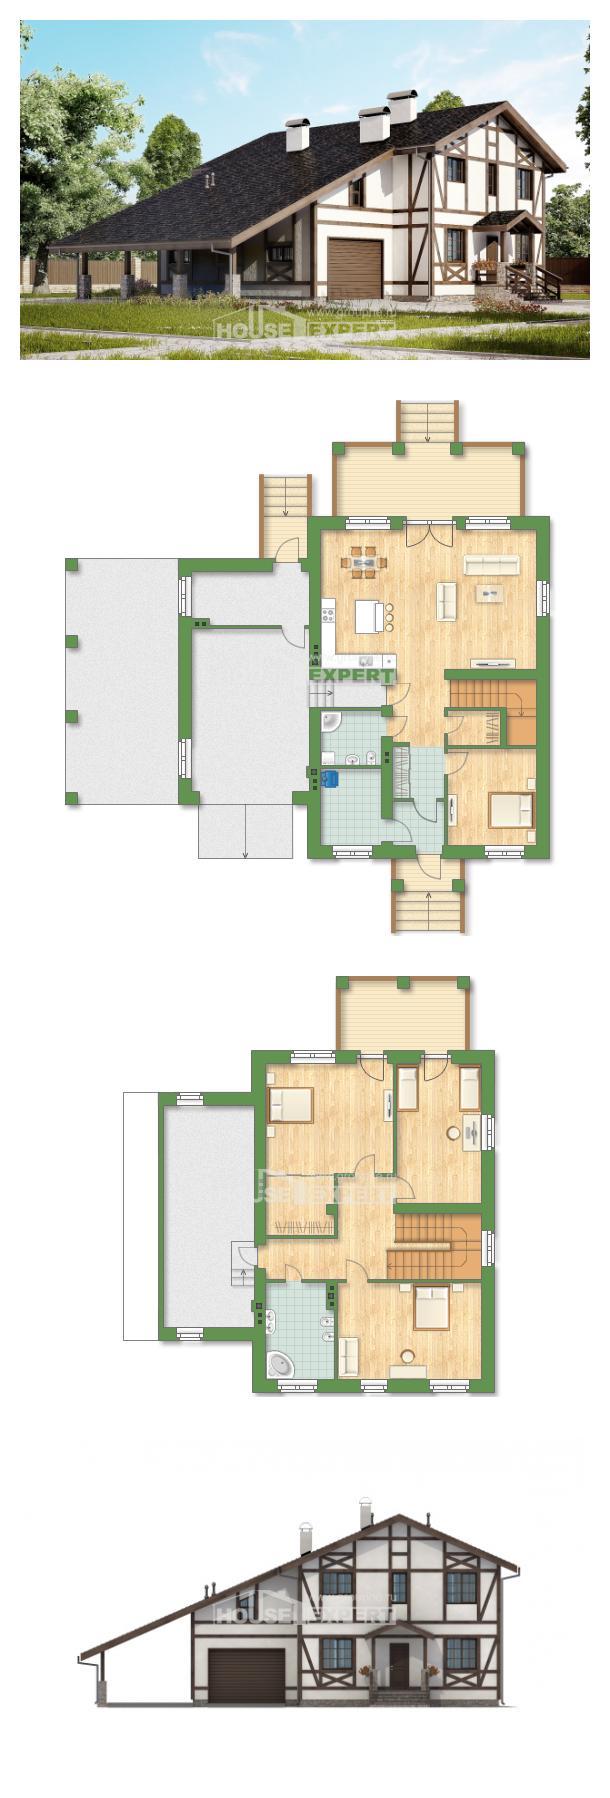 房子的设计 250-002-L   House Expert